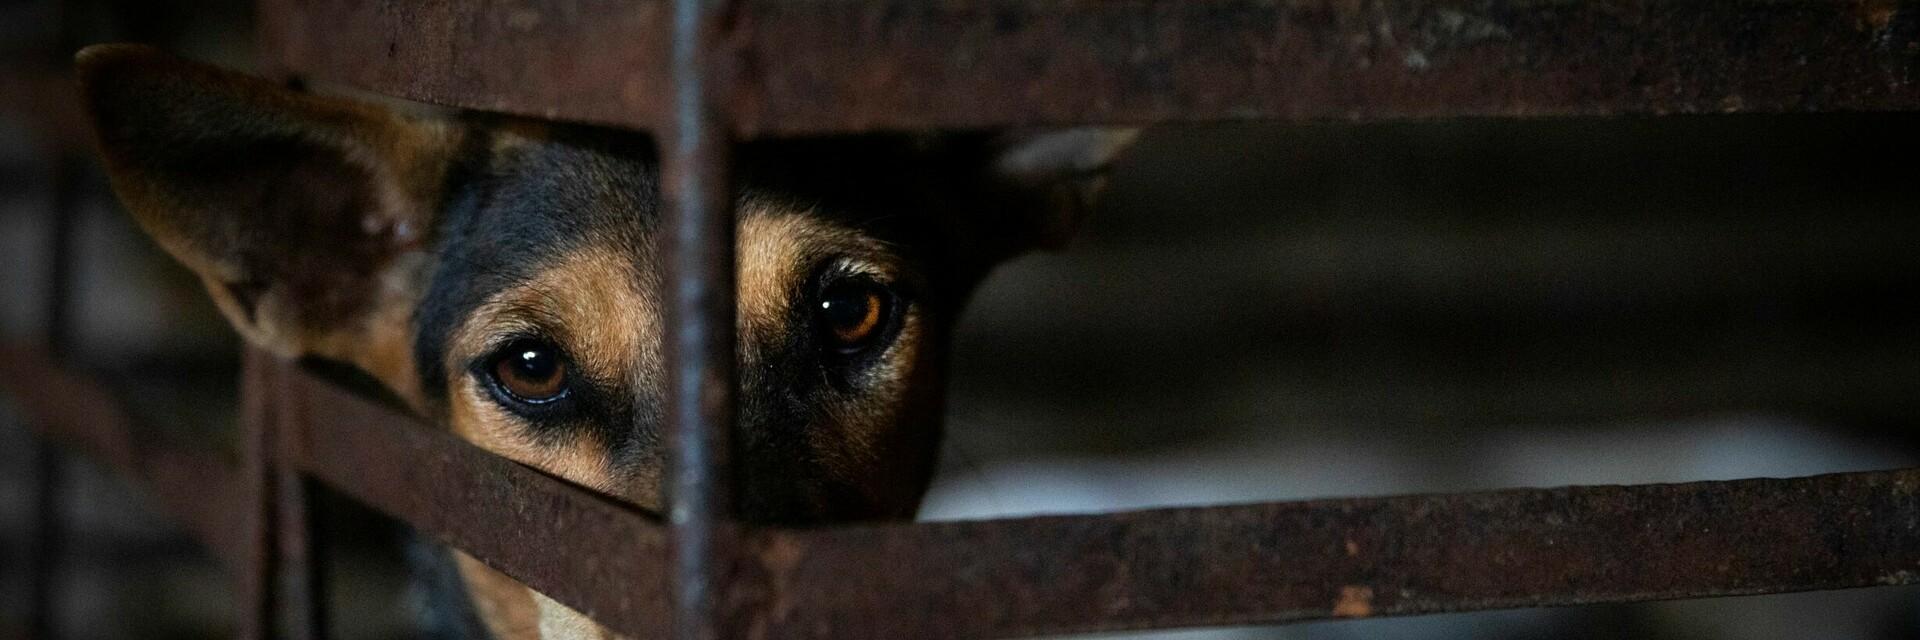 Ein Hund im Käfig